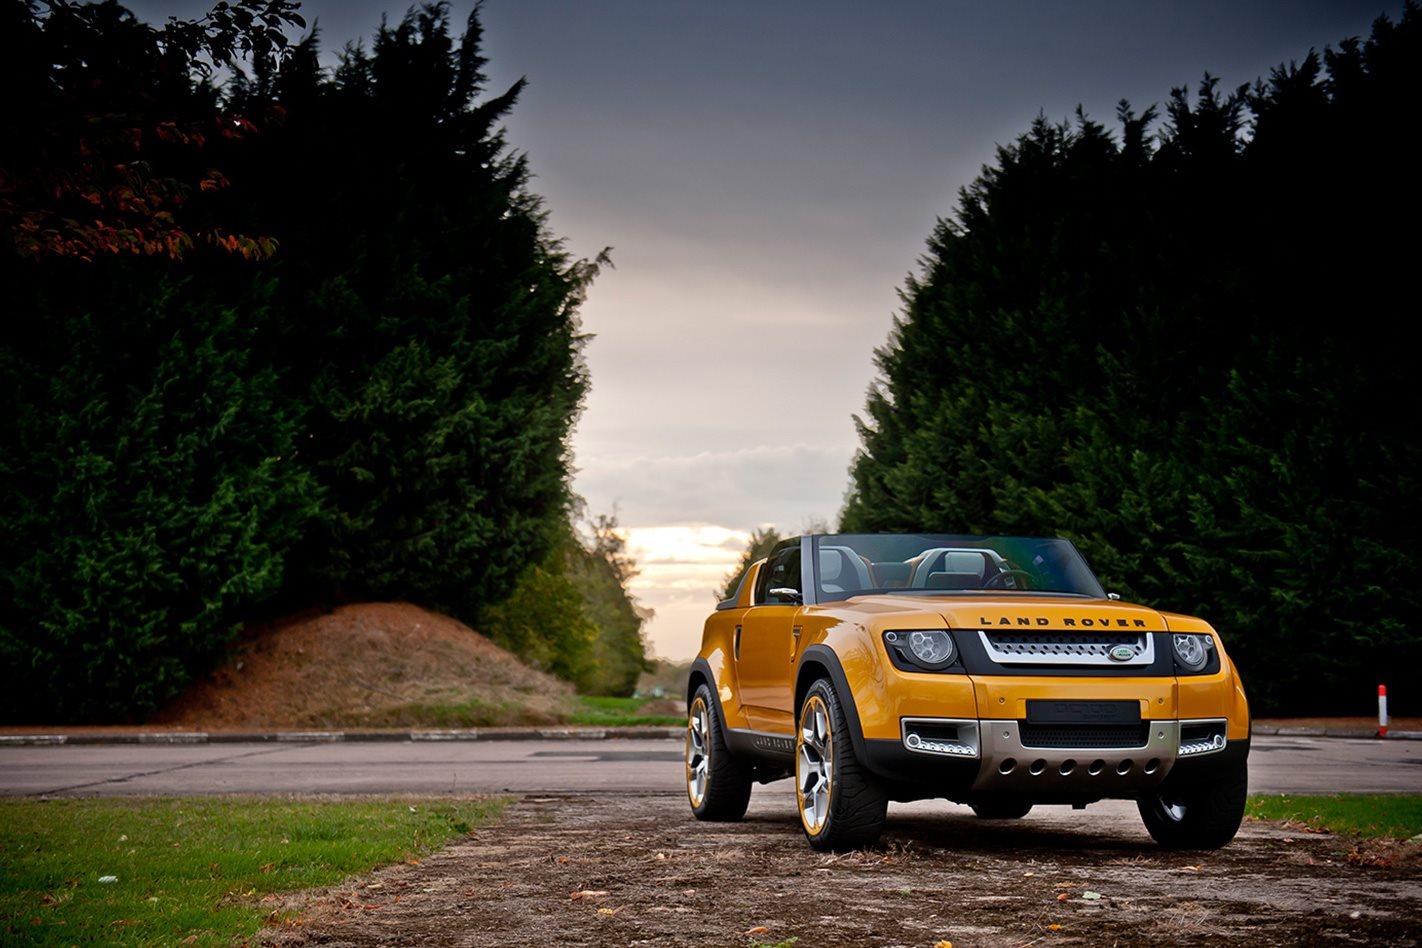 Land-Rover-Defender-Concept-front.jpg